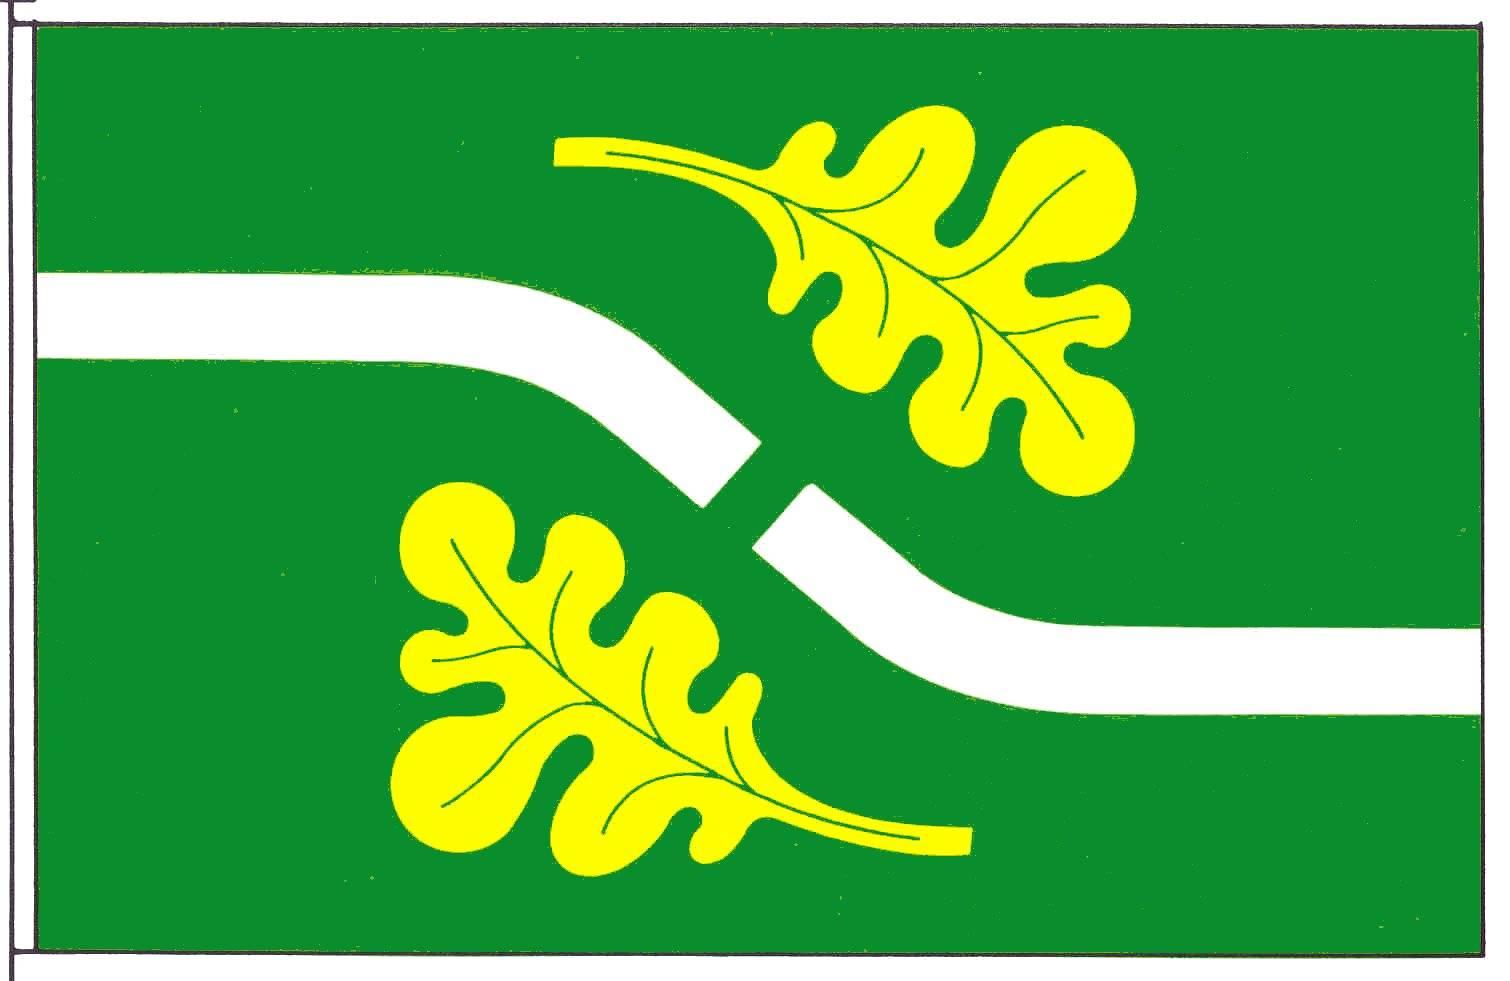 Flagge GemeindeFrestedt, Kreis Dithmarschen